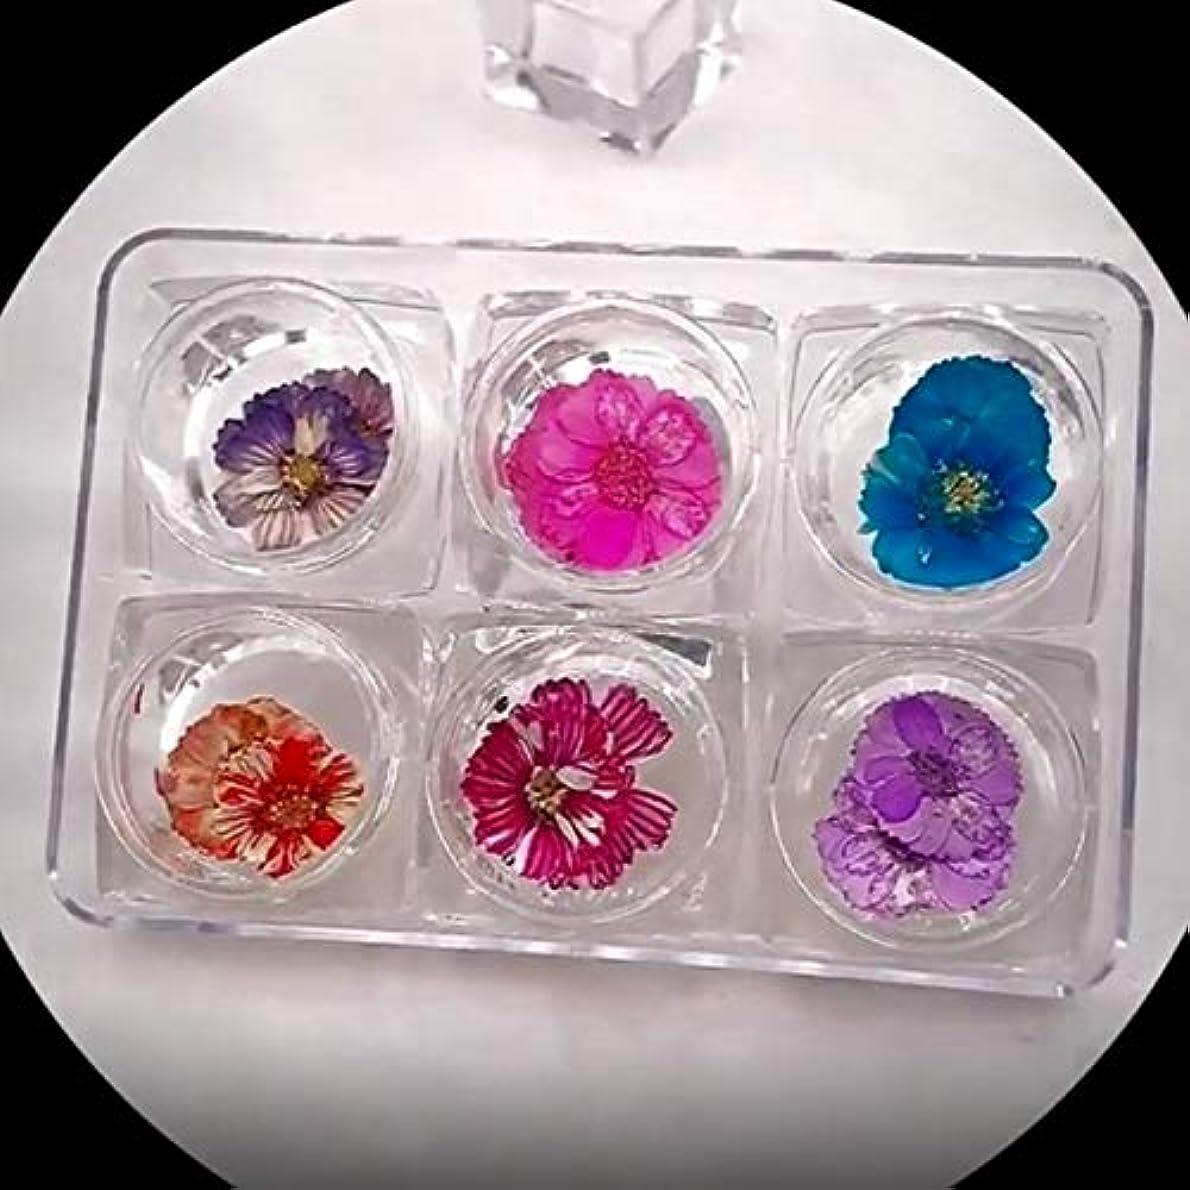 ハーフ誰建築家Wadachikis 実用的な新しい6色ネイルアートアップリケジュエリーセット日本のドライフラワー花びら永遠の花の結晶装飾(None Picture Color)